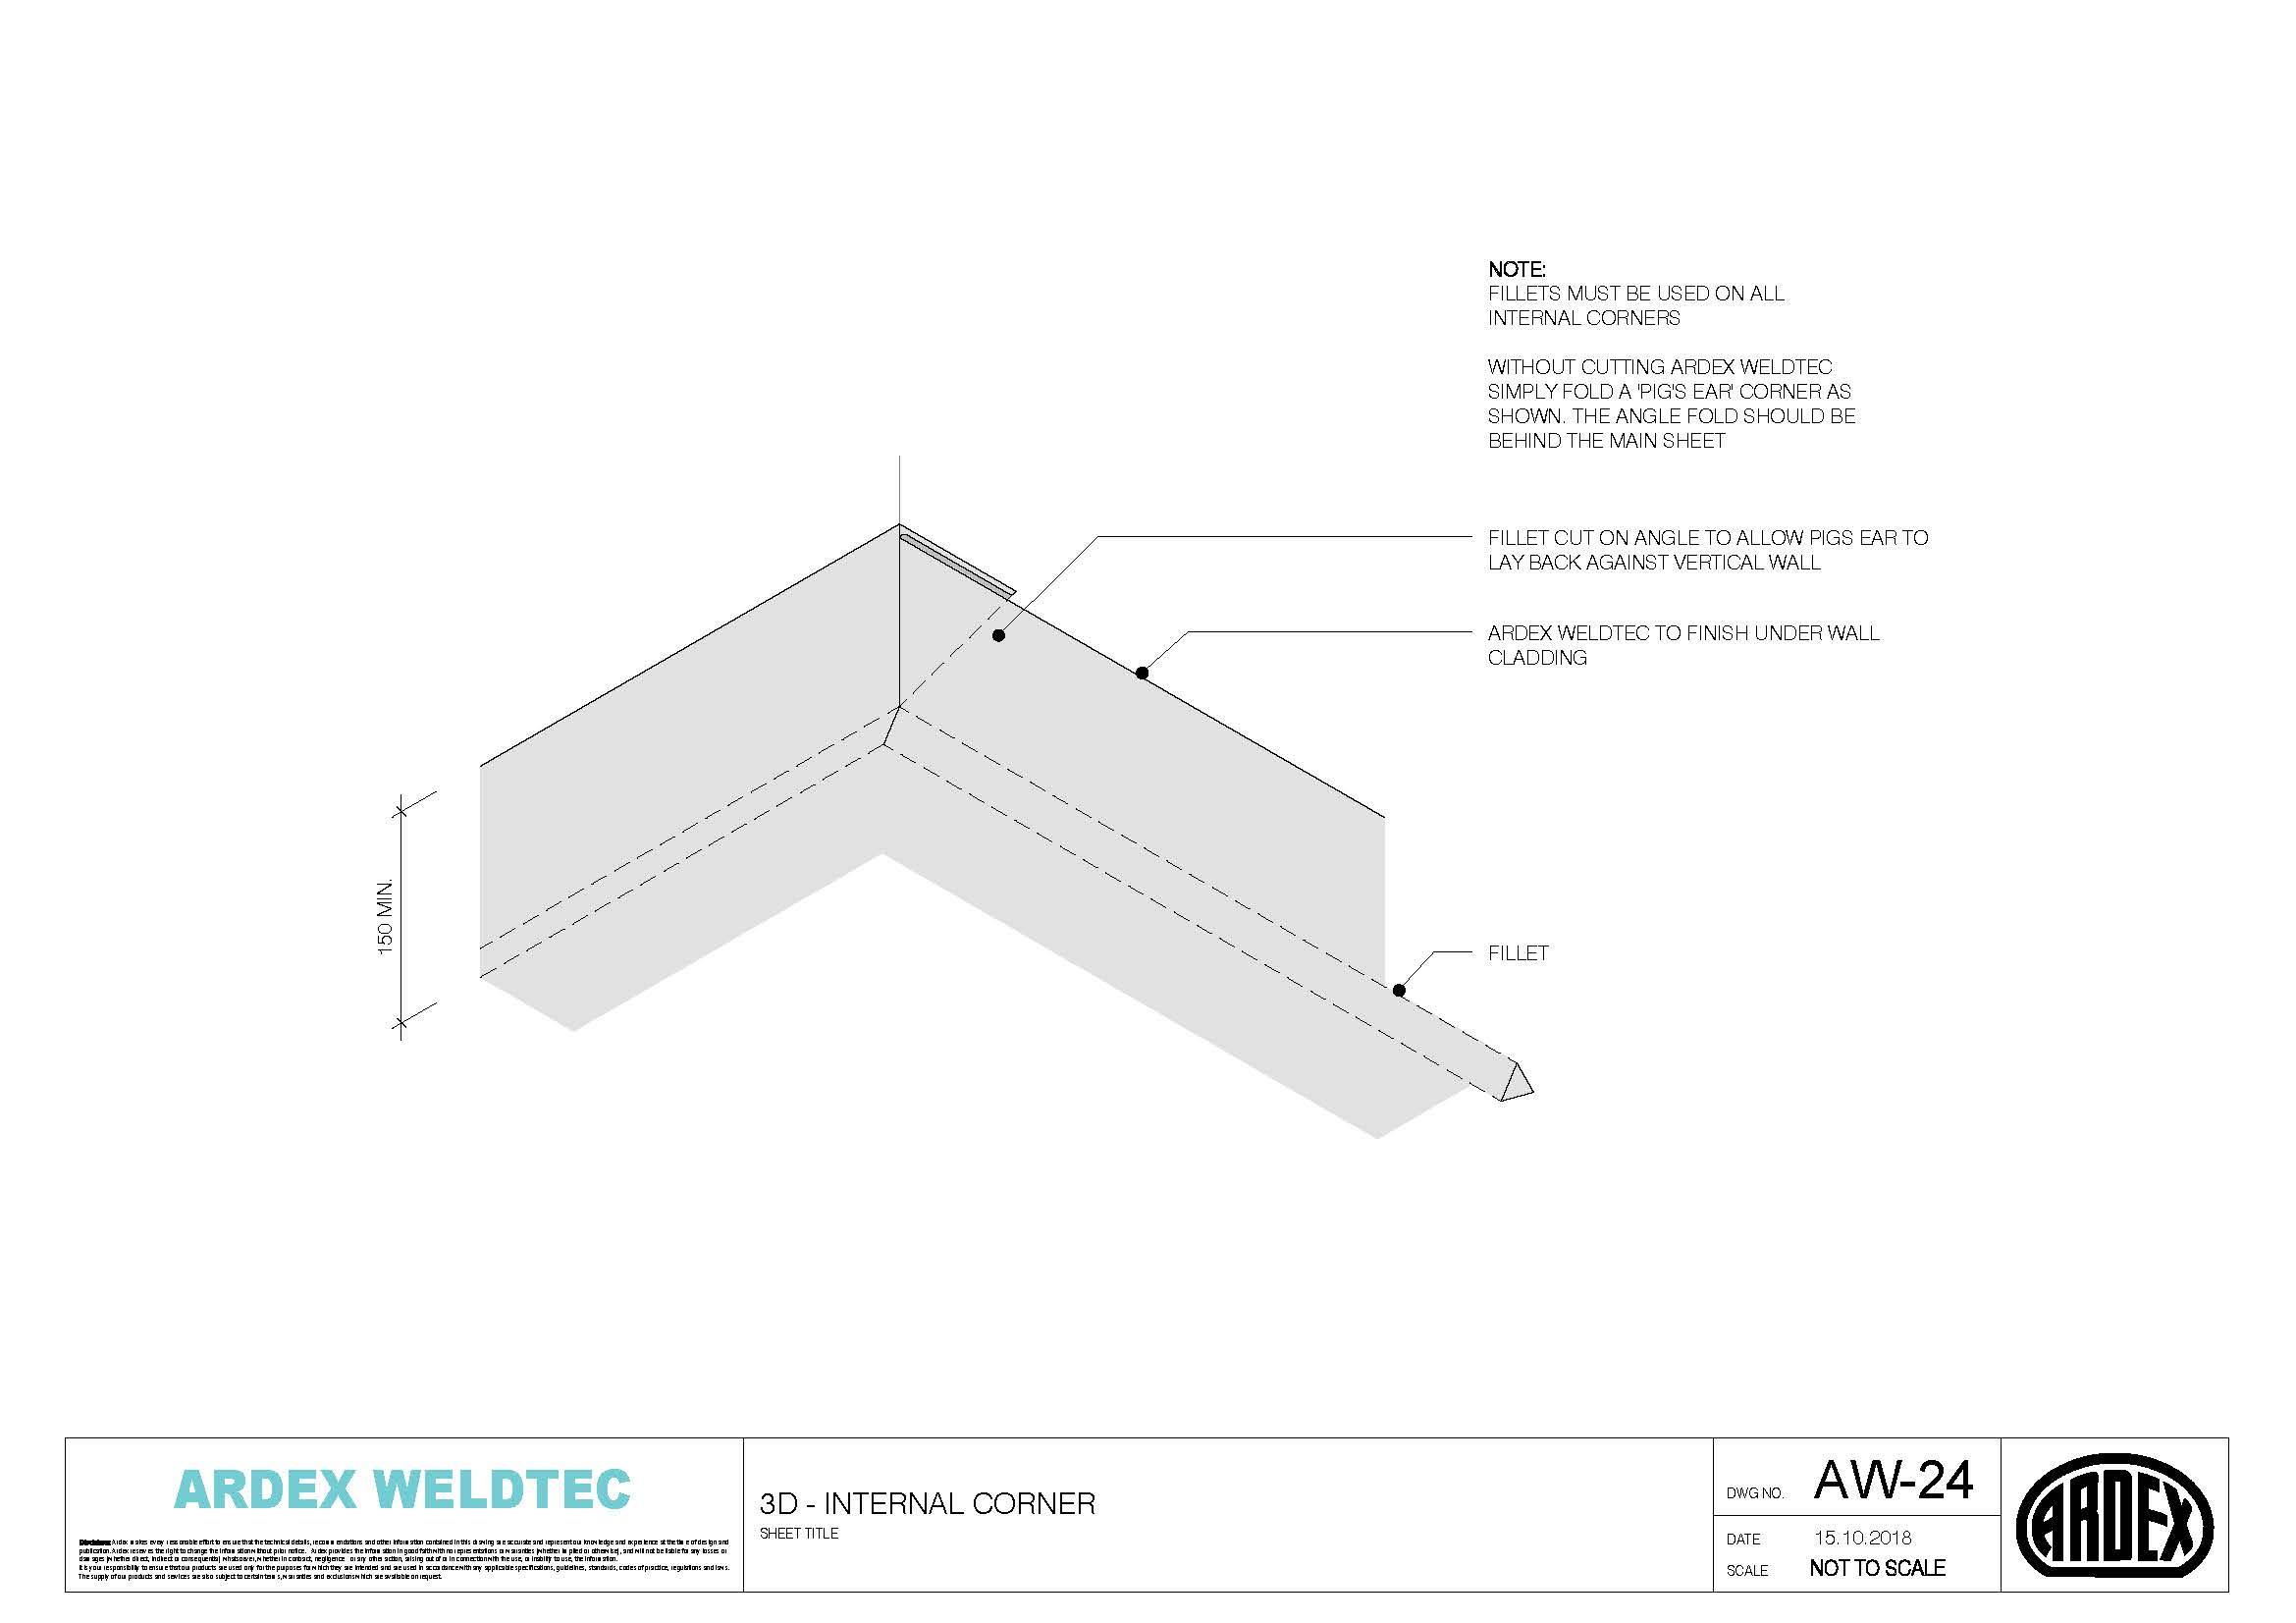 Weldtec internal corner